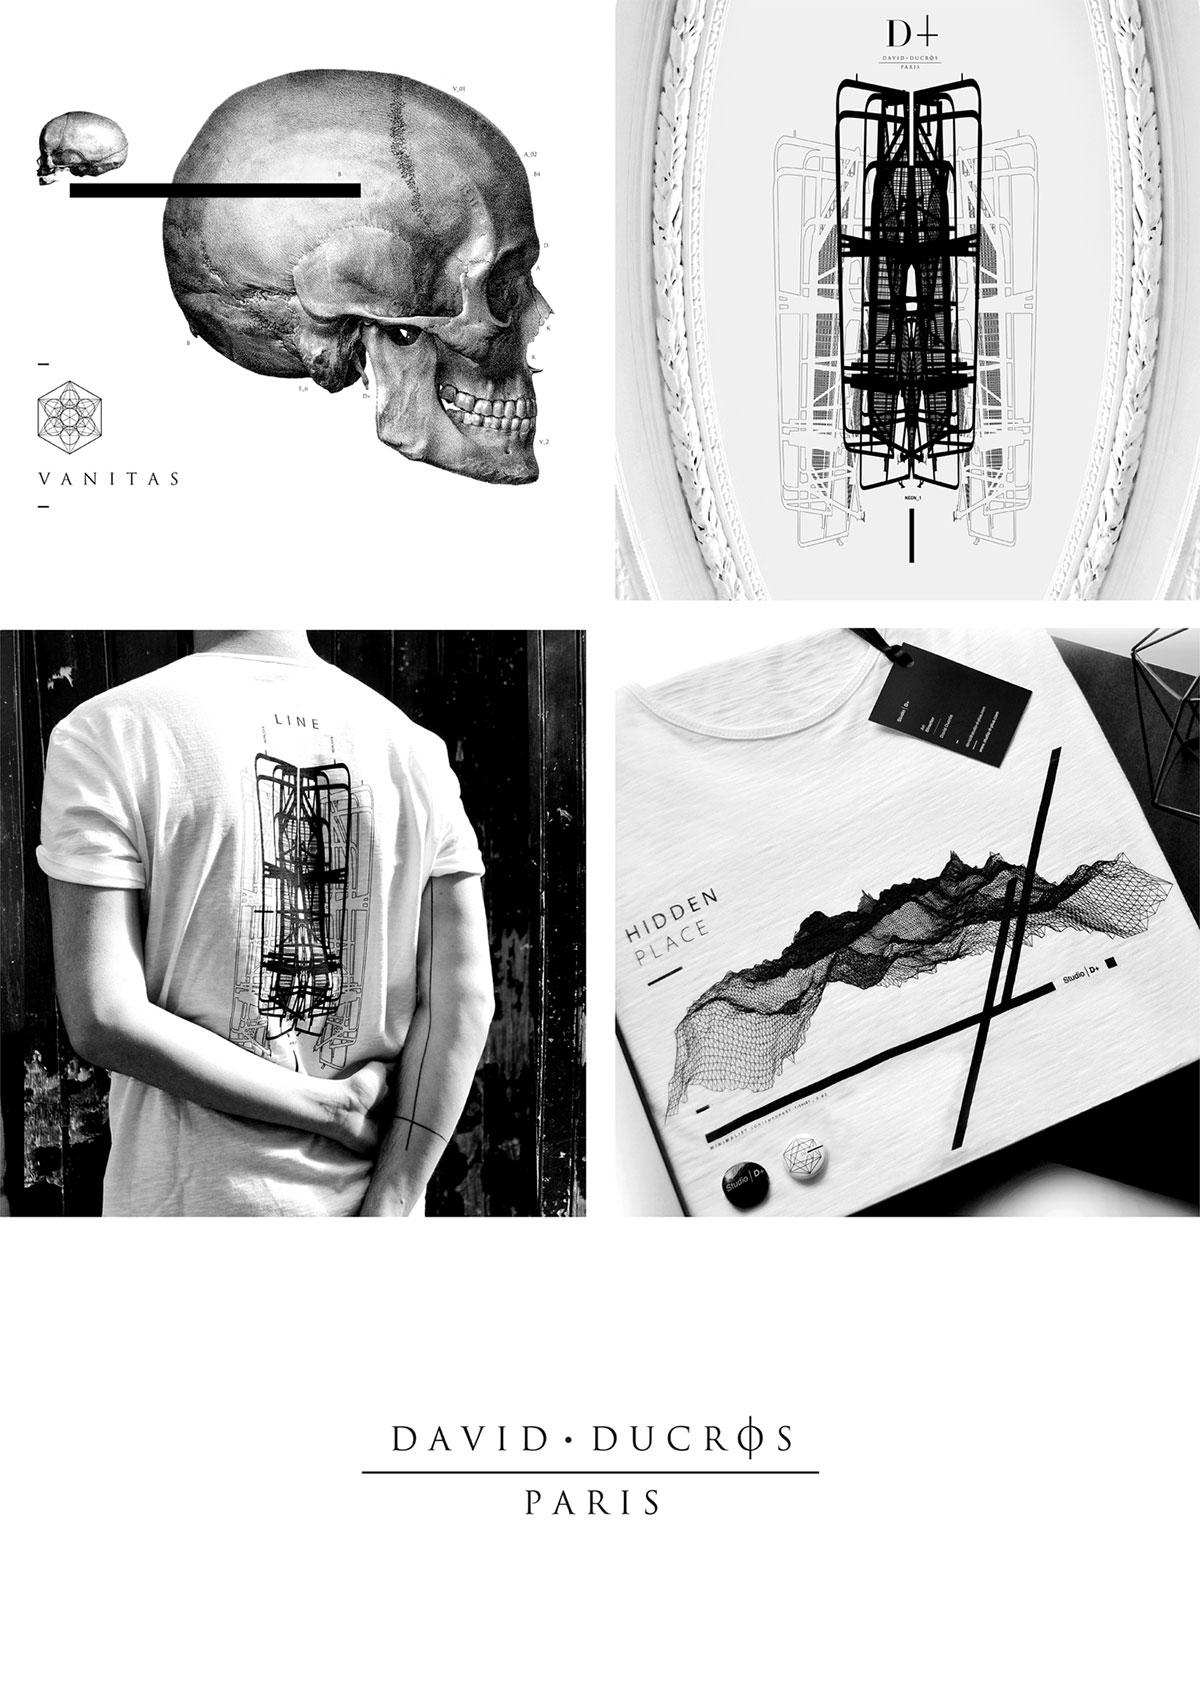 david-ducros-paris-02